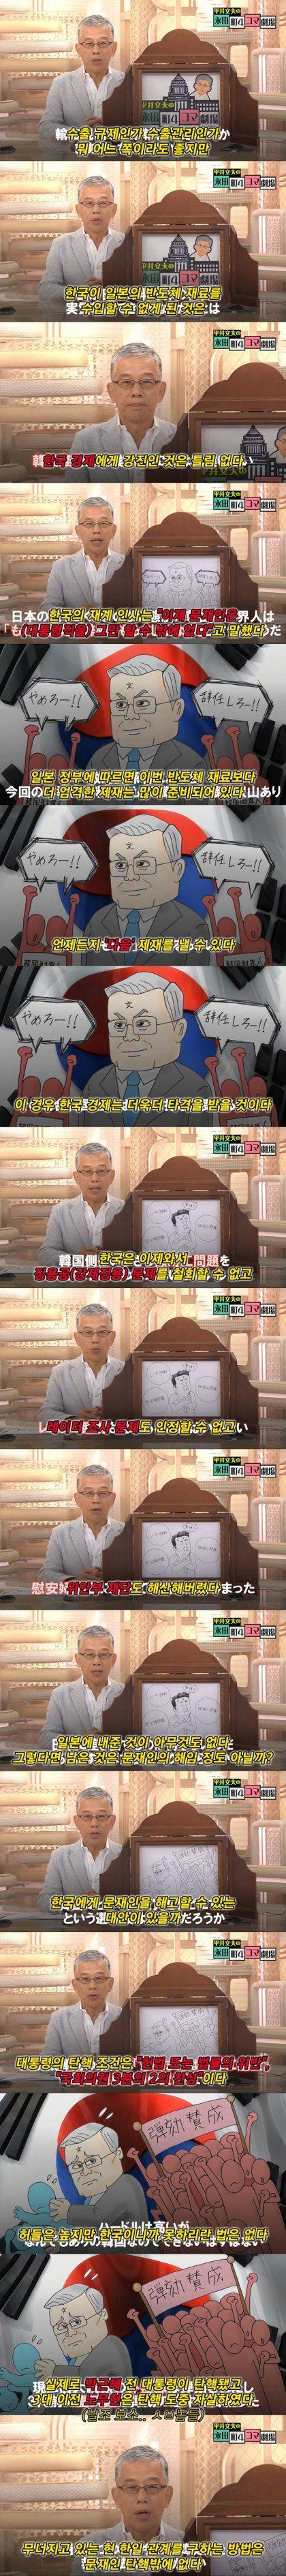 일본 애들이 짰던 시나리오